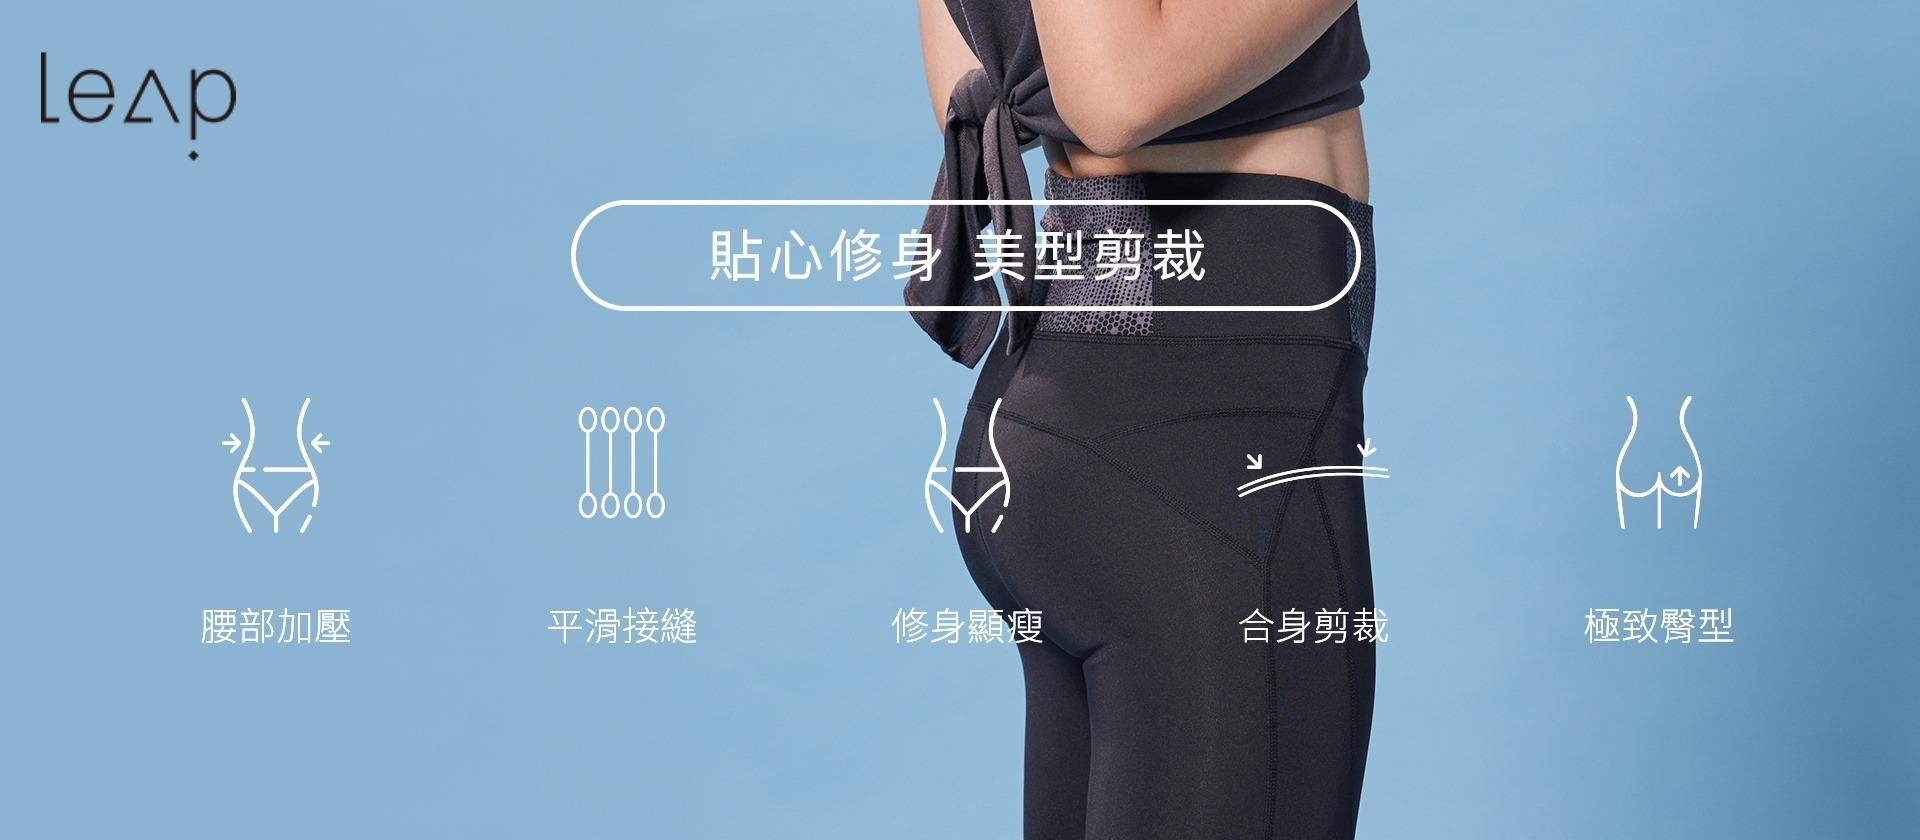 台灣 Leap美型機能衣褲